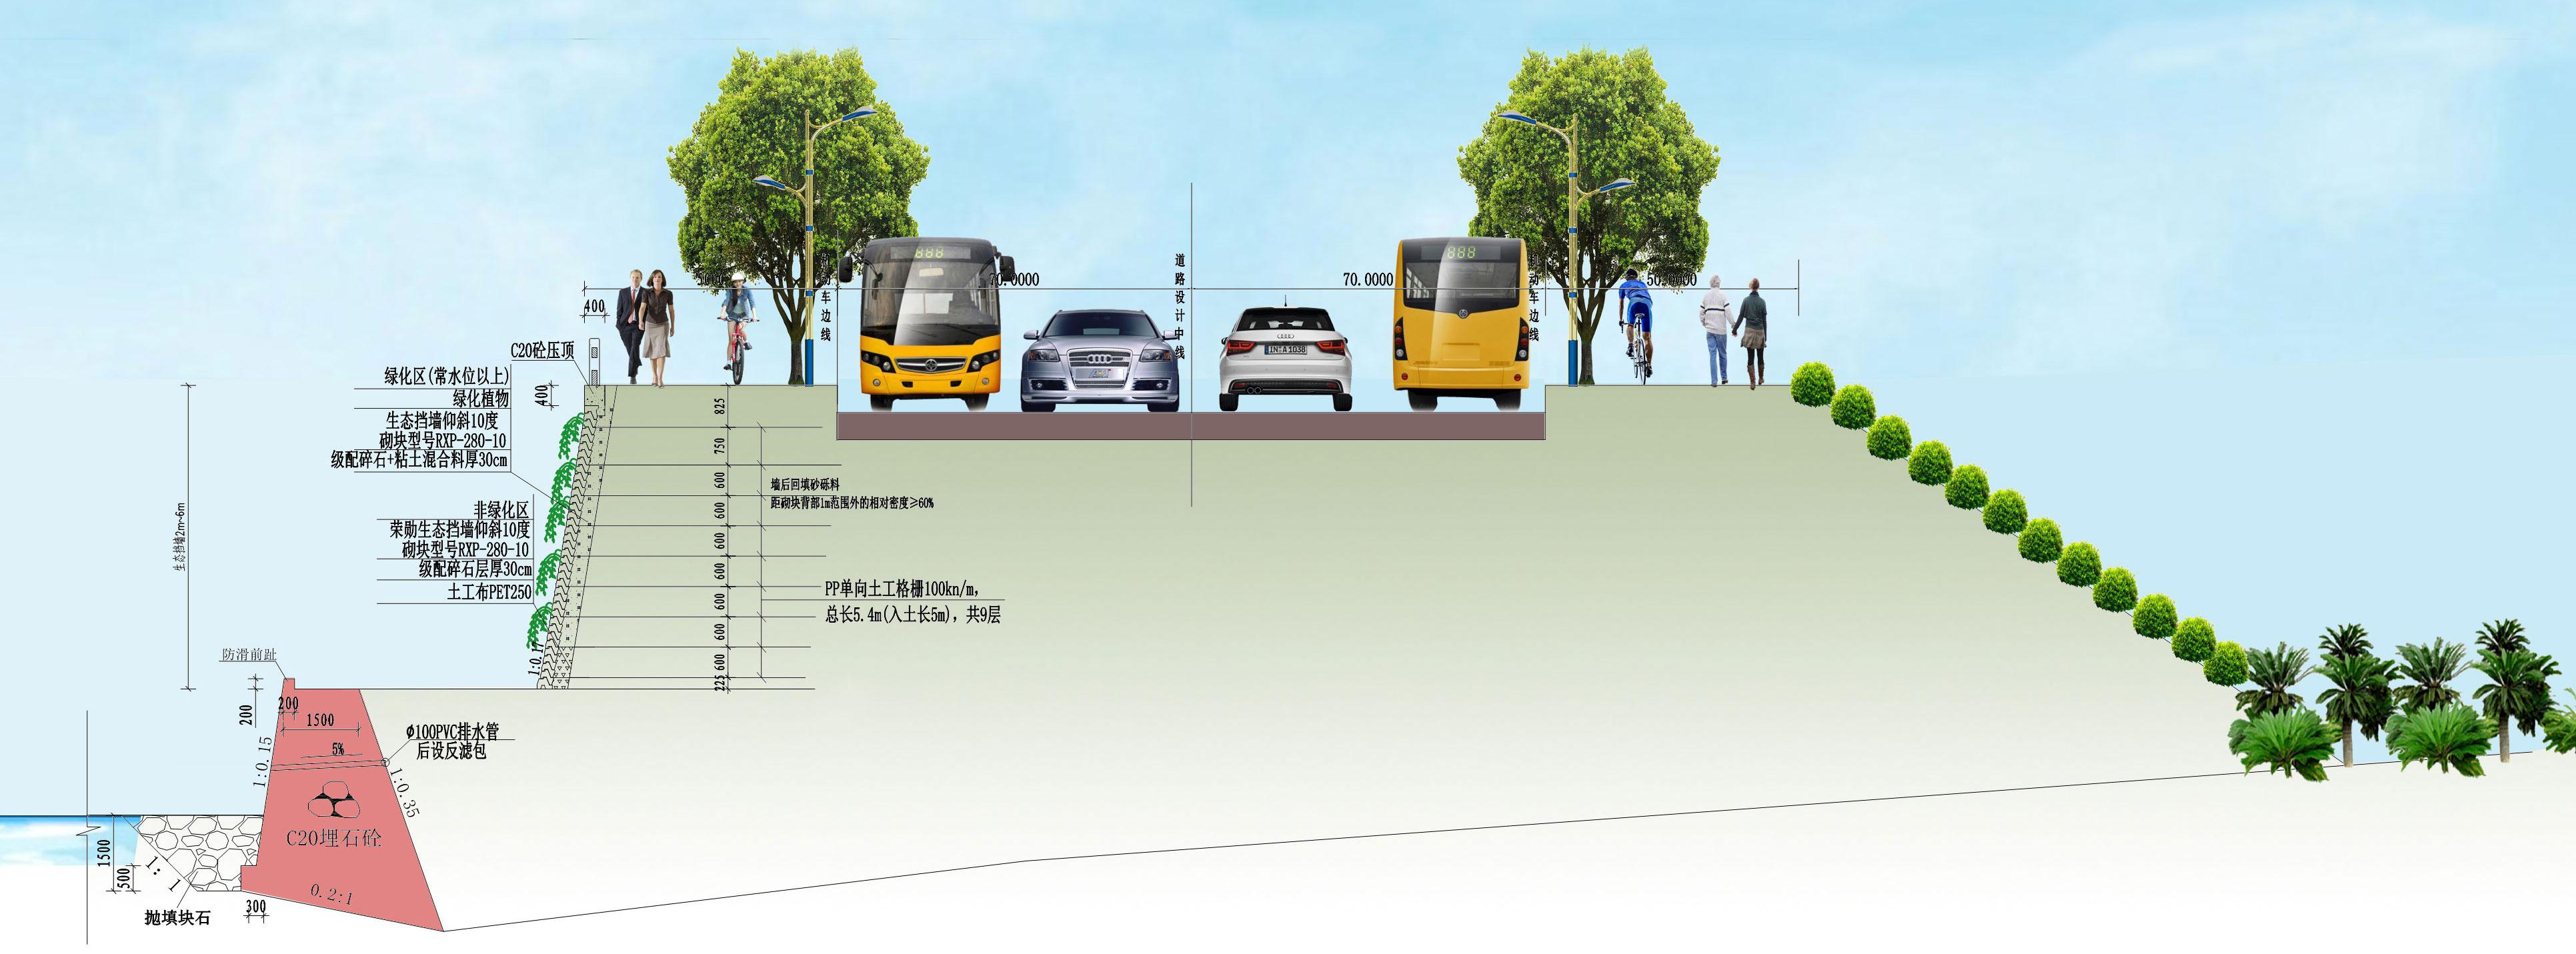 道路工程彩图代制作